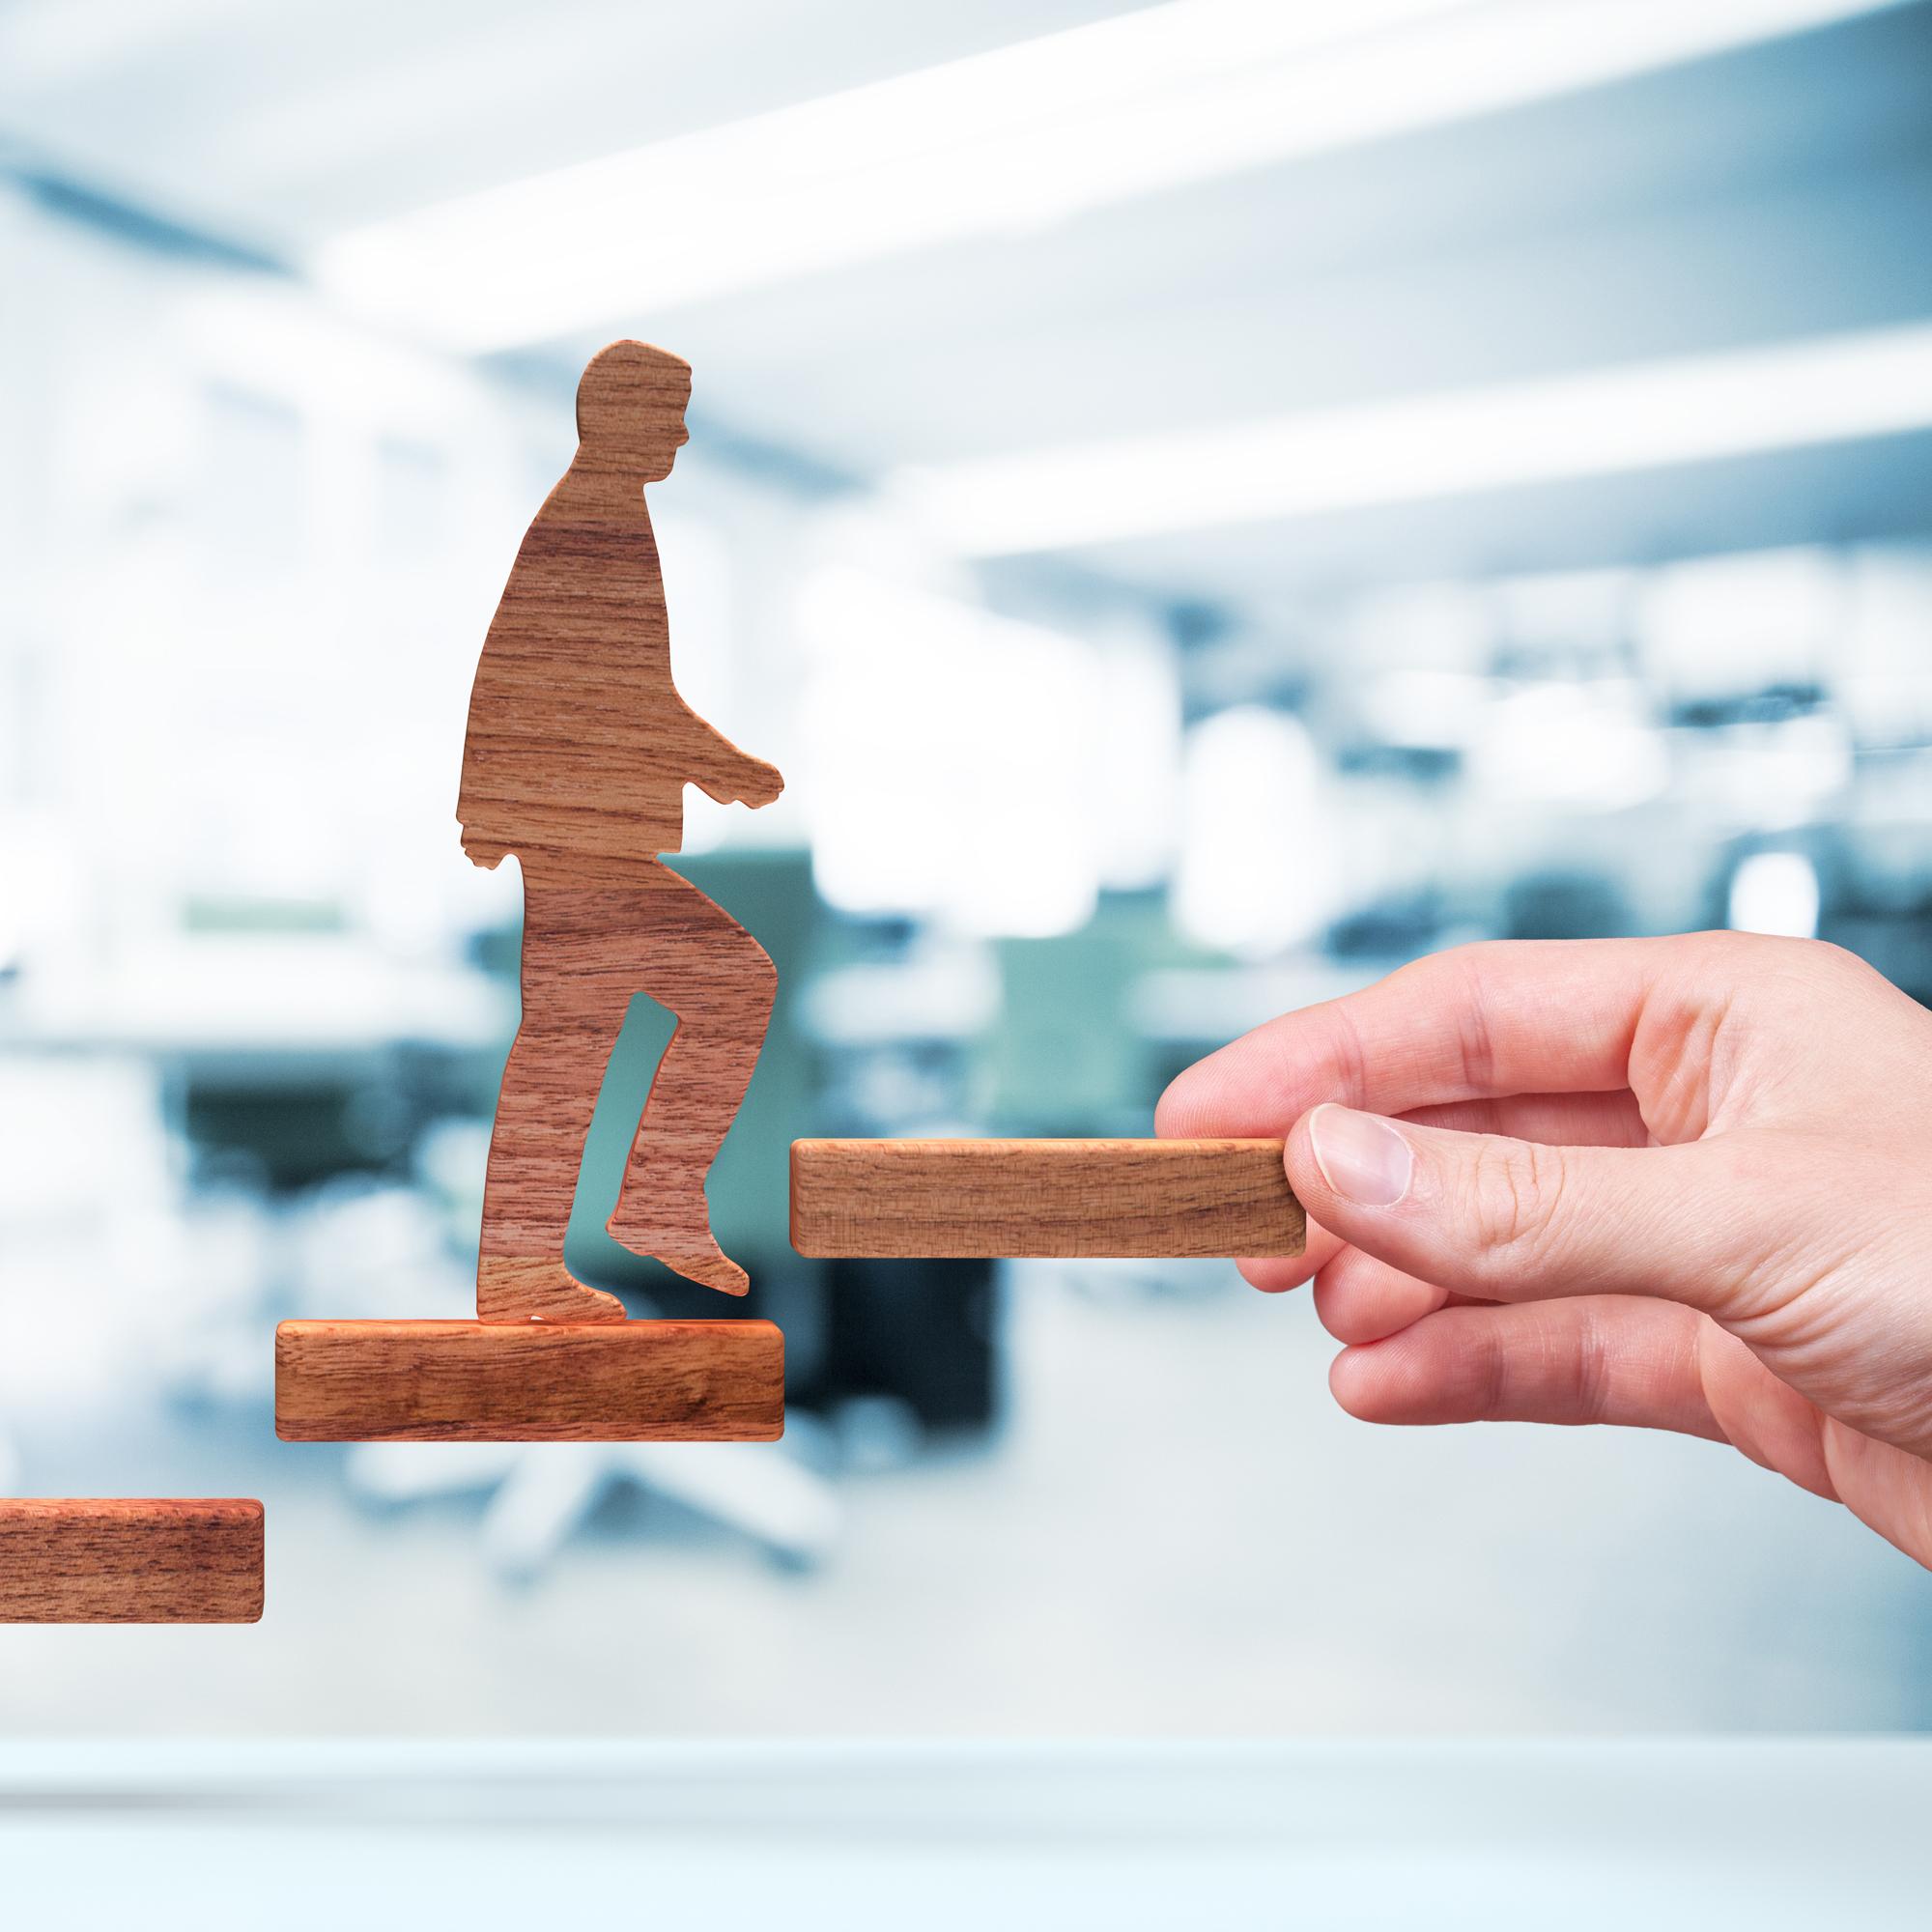 Eine Hand hält eine flache Holzstufe, die das Ende einer Stiege darstellt. Eine Holzfigur steigt die Stufen hinauf. Im Hintergrund ist ein Büro zu sehen.